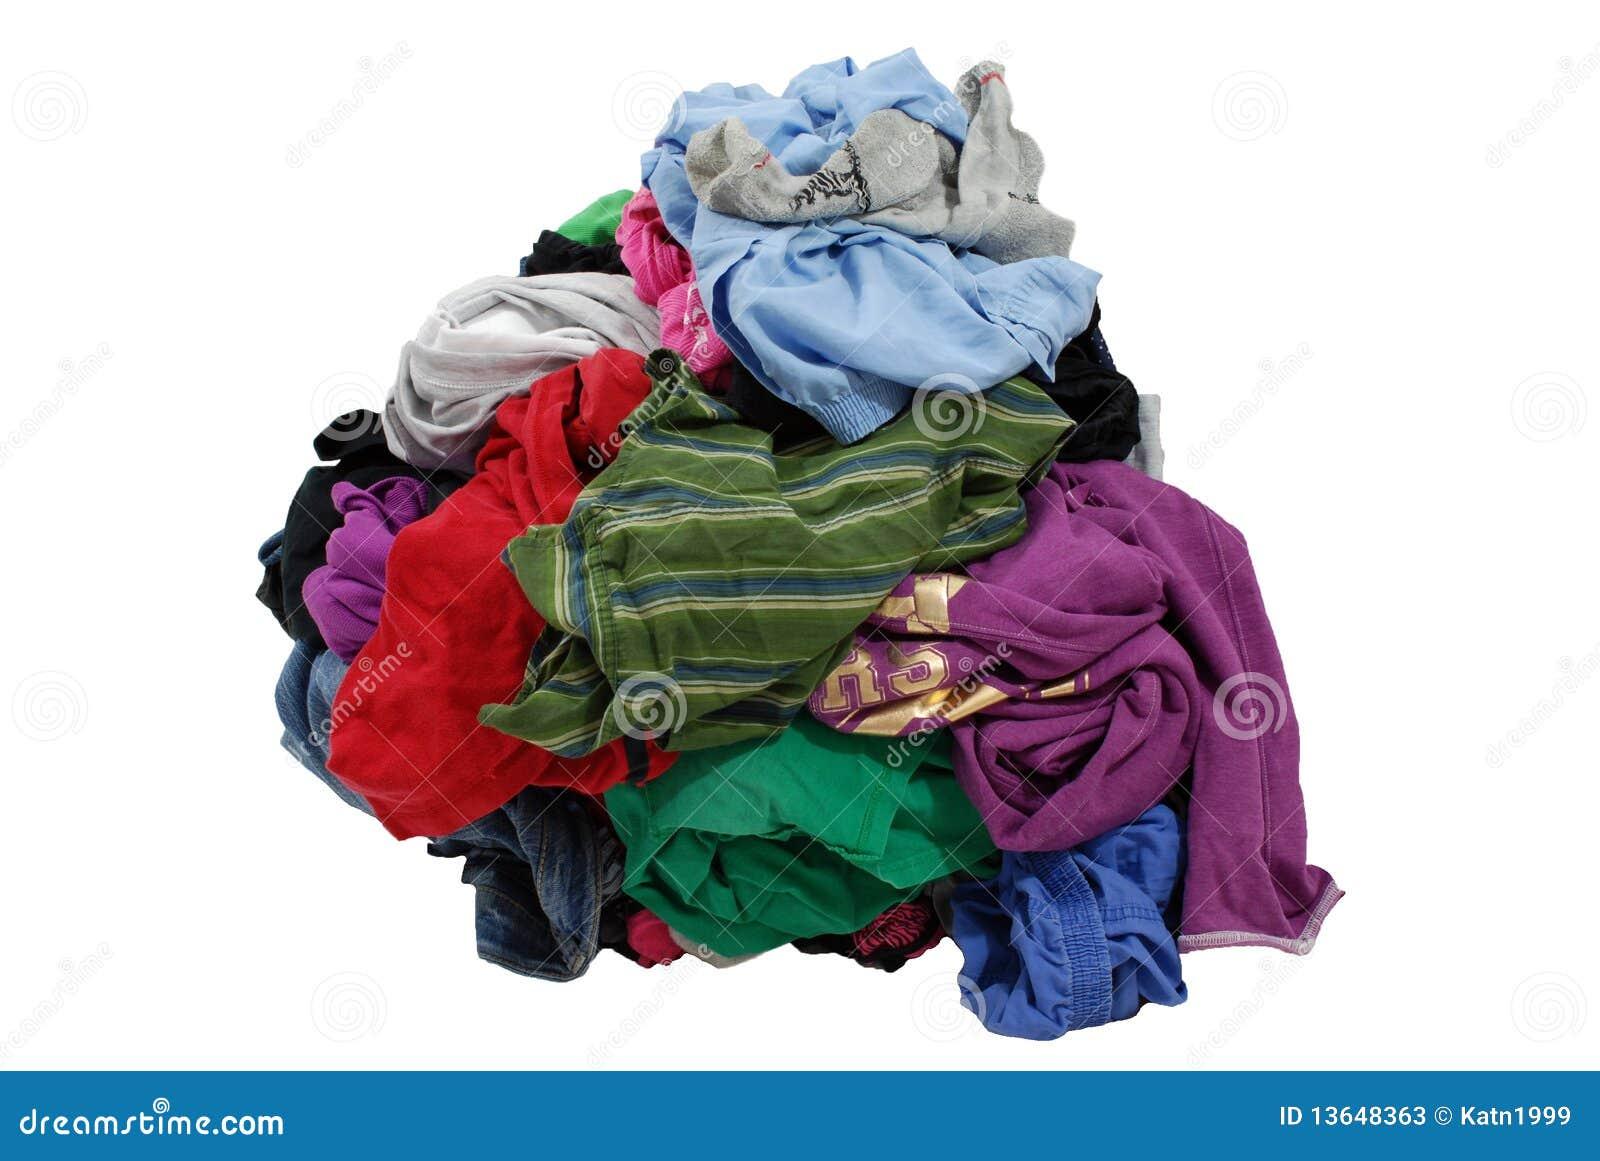 kelly-rowland-new-single-dirty-laundry-2 : THE WALL